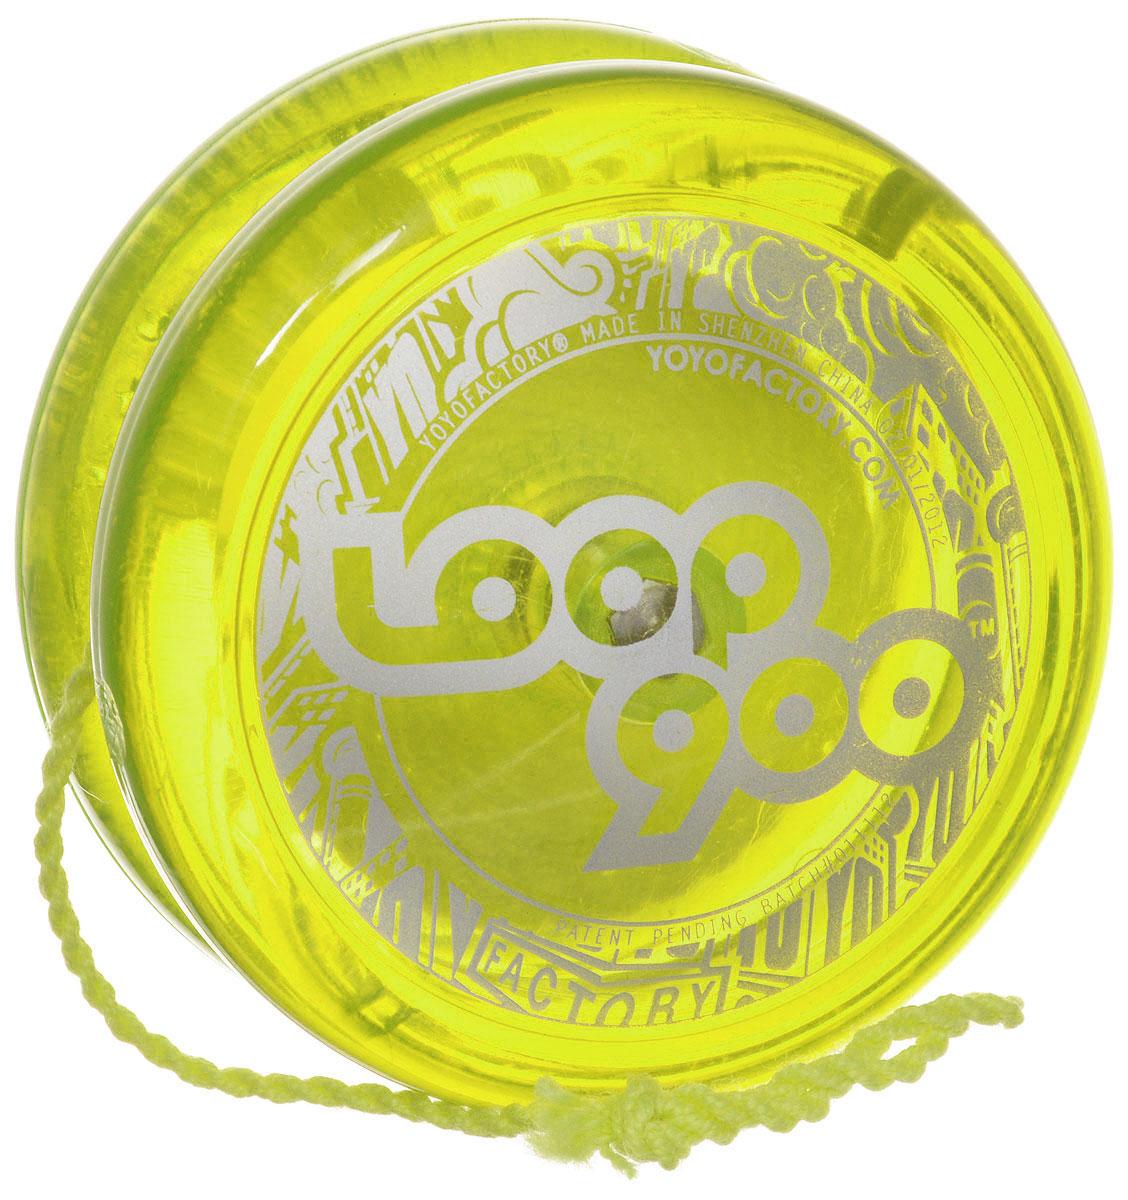 YoYoFactory Йо-йо Loop 900 цвет салатовый йо йо auldey